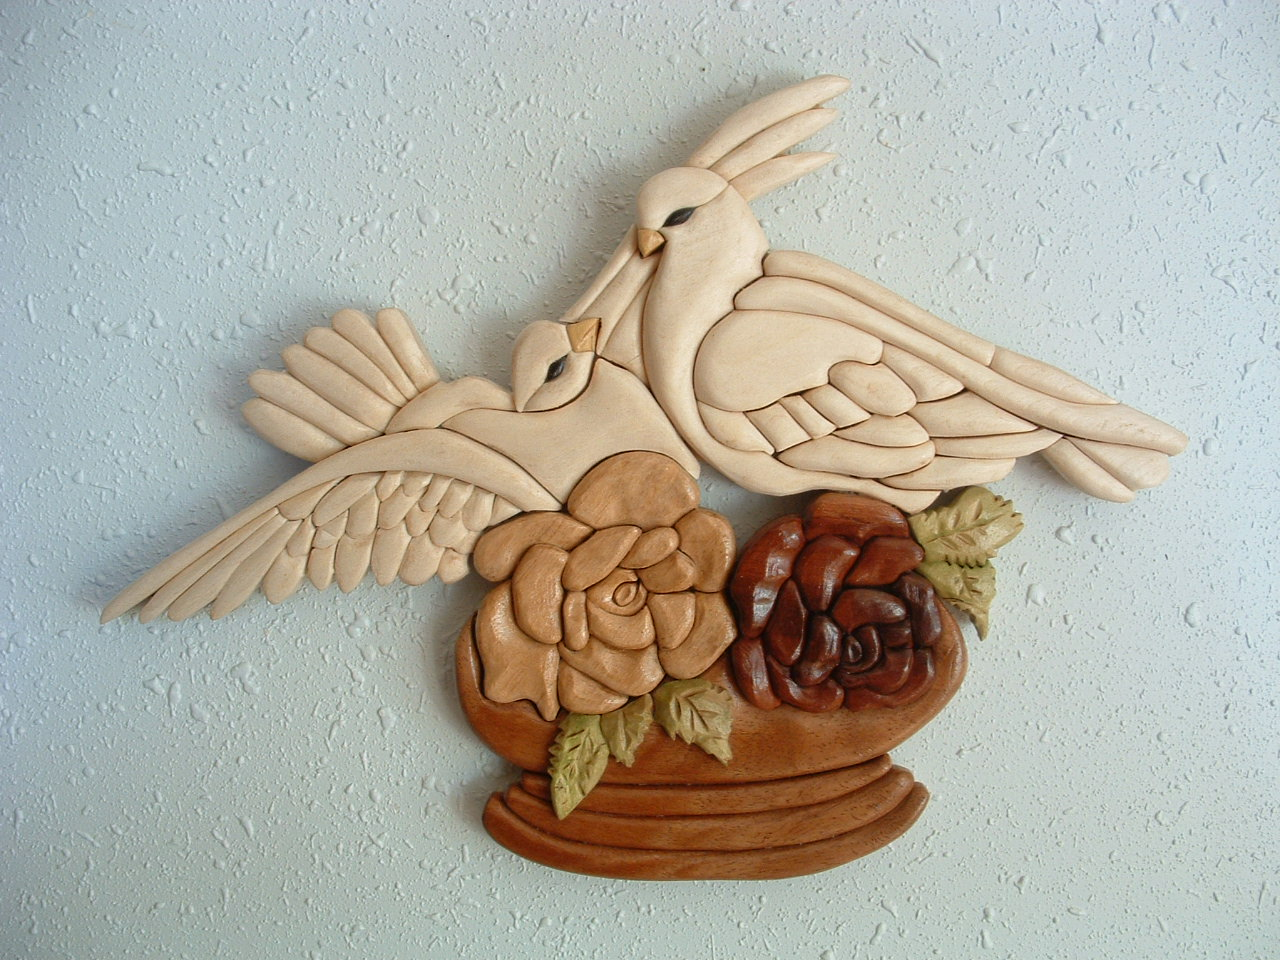 rajas crafts m seal art